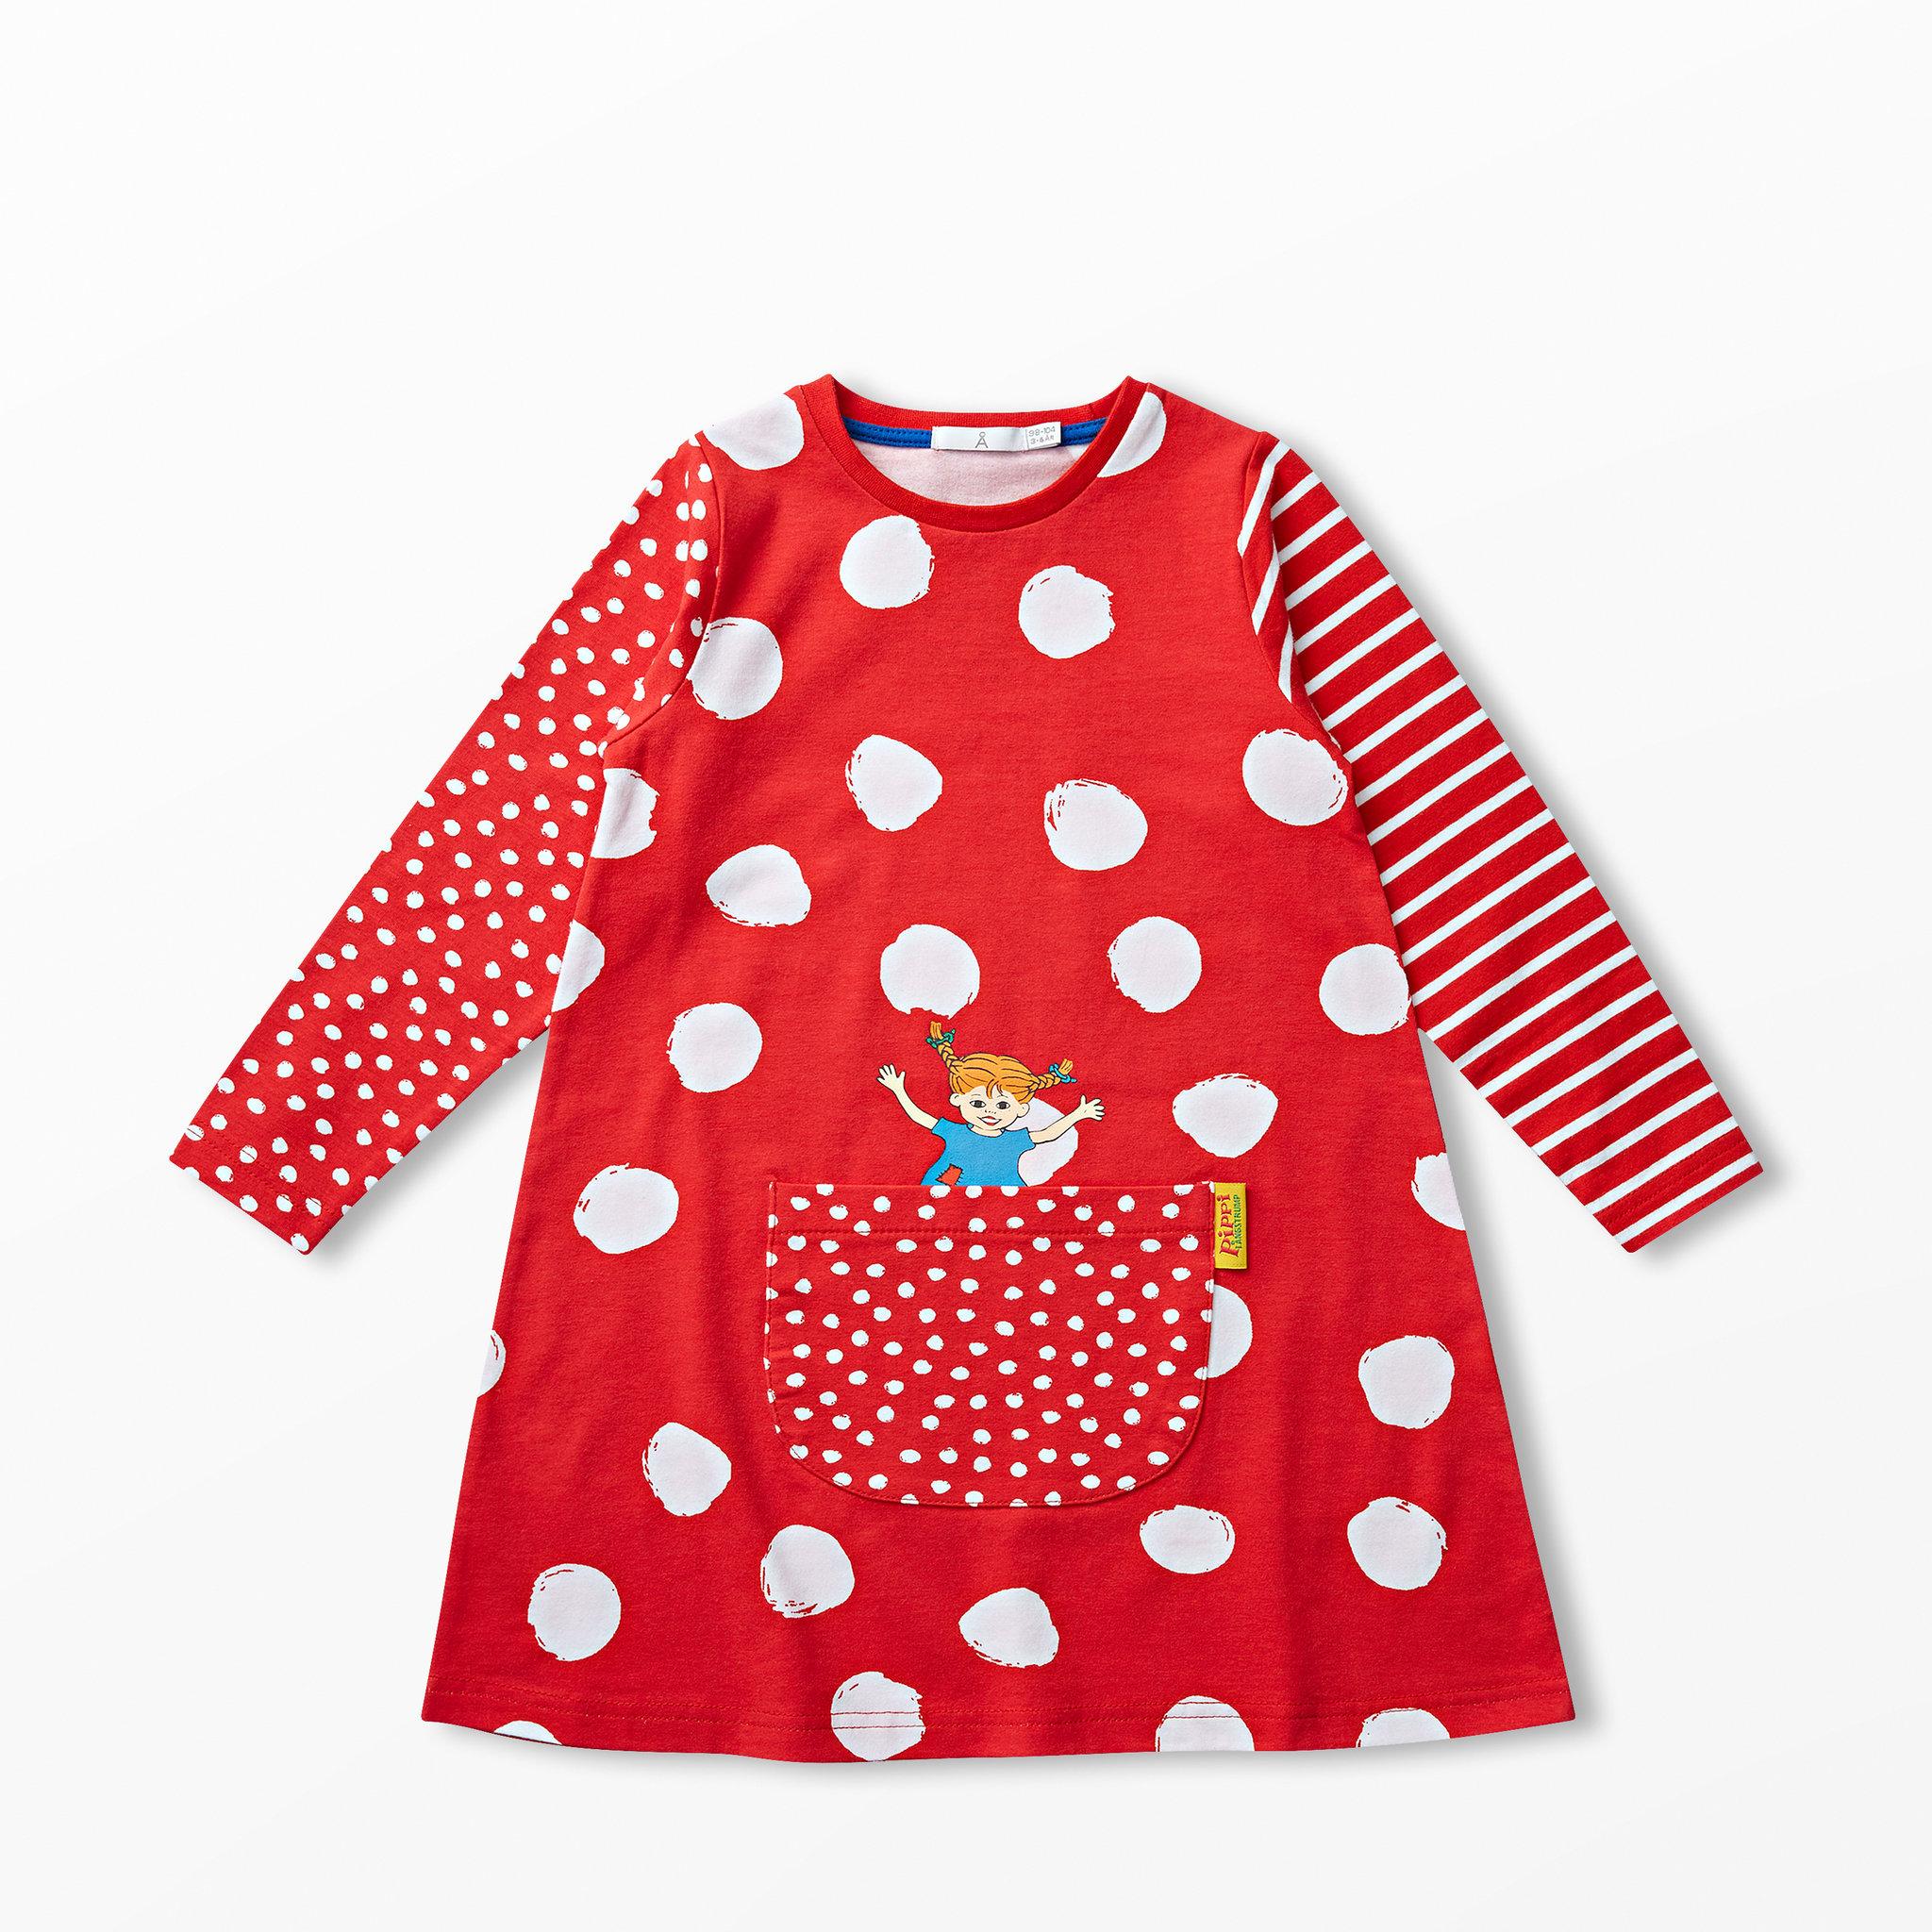 fc1135fbb5a5 Klänning Pippi Långstrump - Barnkläder stl. 86-116 - Köp online på åhlens .se!